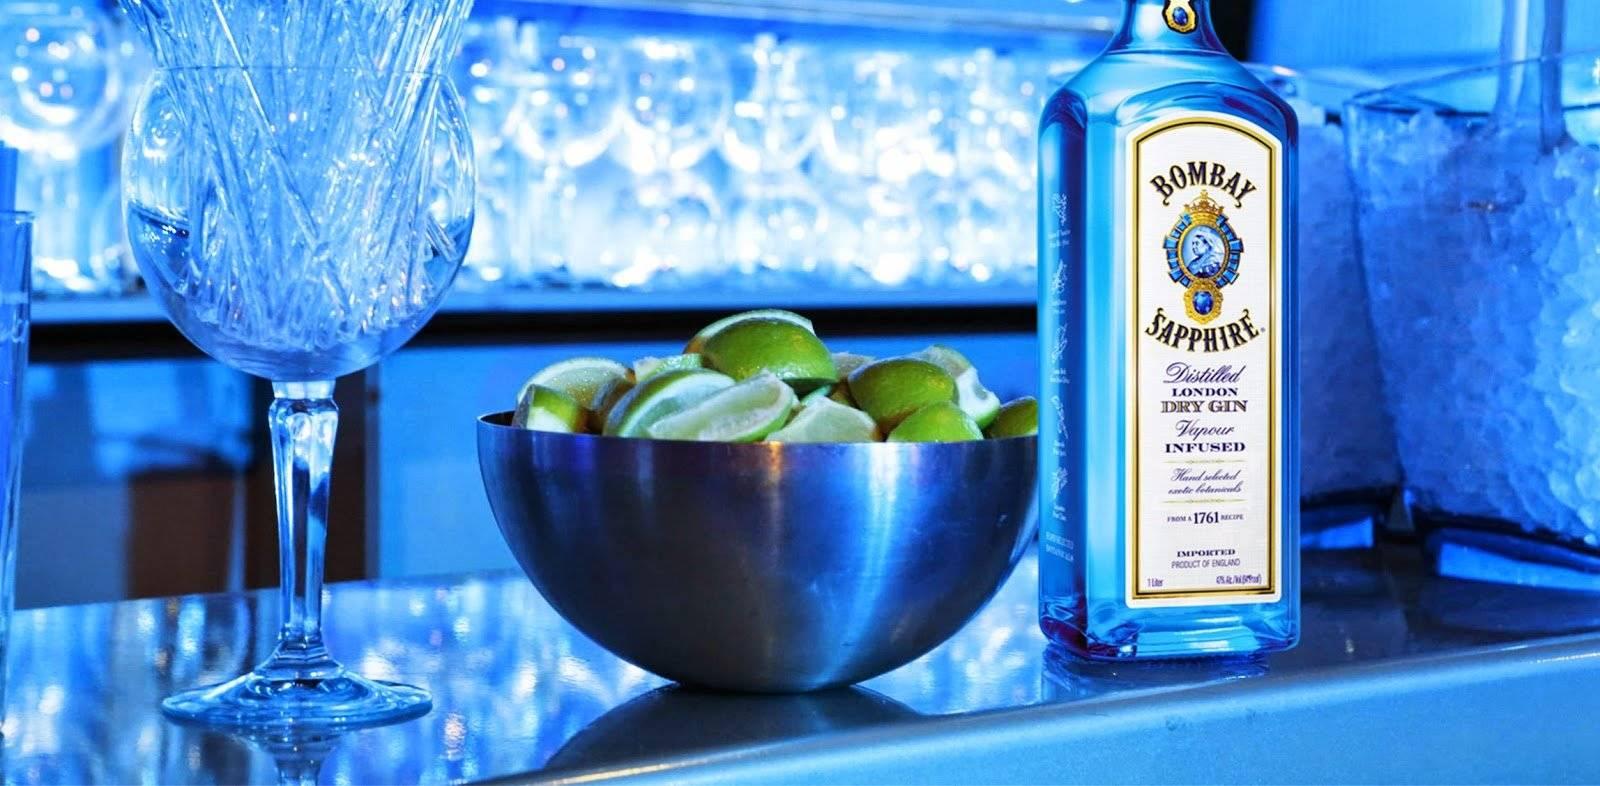 Как правильно пить джин: с чем употреблять и чем закусывать, коктейли с тоником ⛳️ алко профи